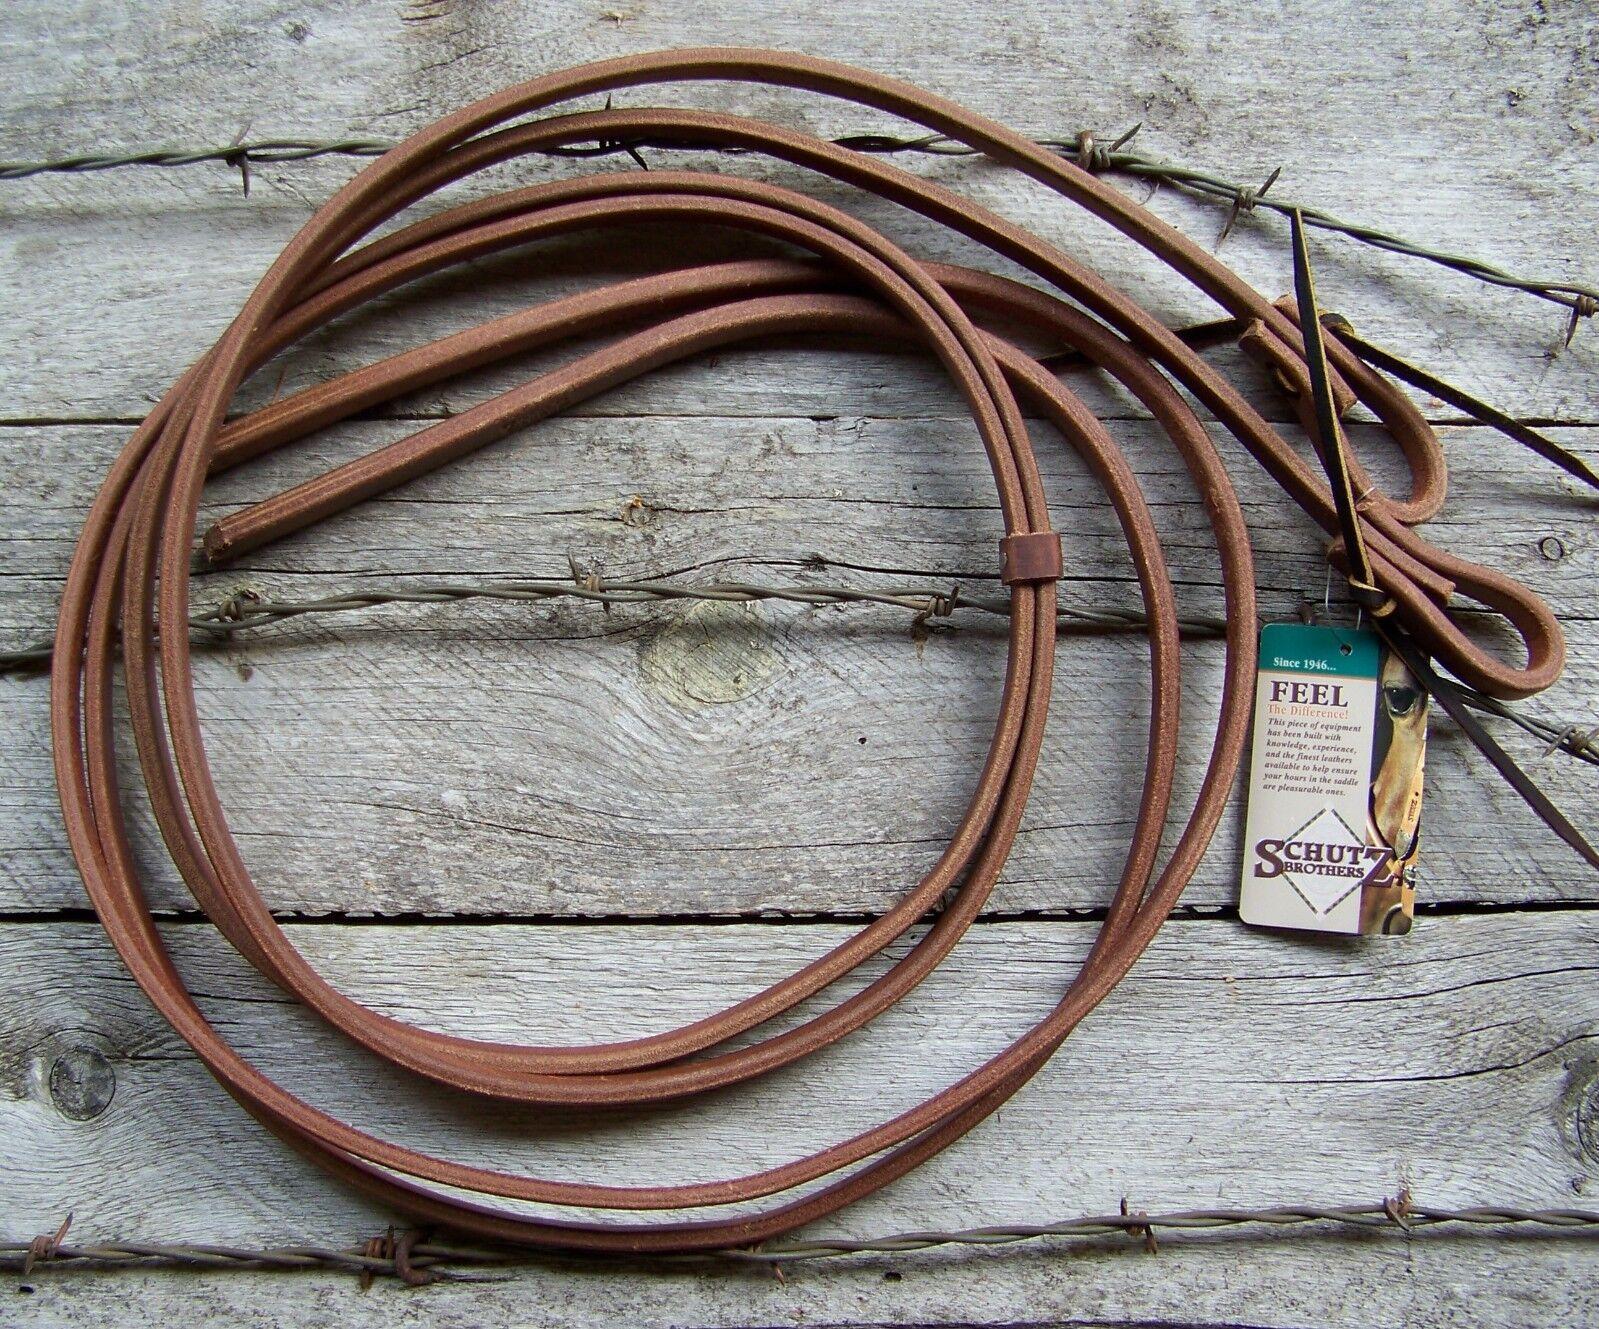 Zügel - Geölt Gurt Leder Wasser Loop (1.3cm) By Schutz Brothers     | Rich-pünktliche Lieferung